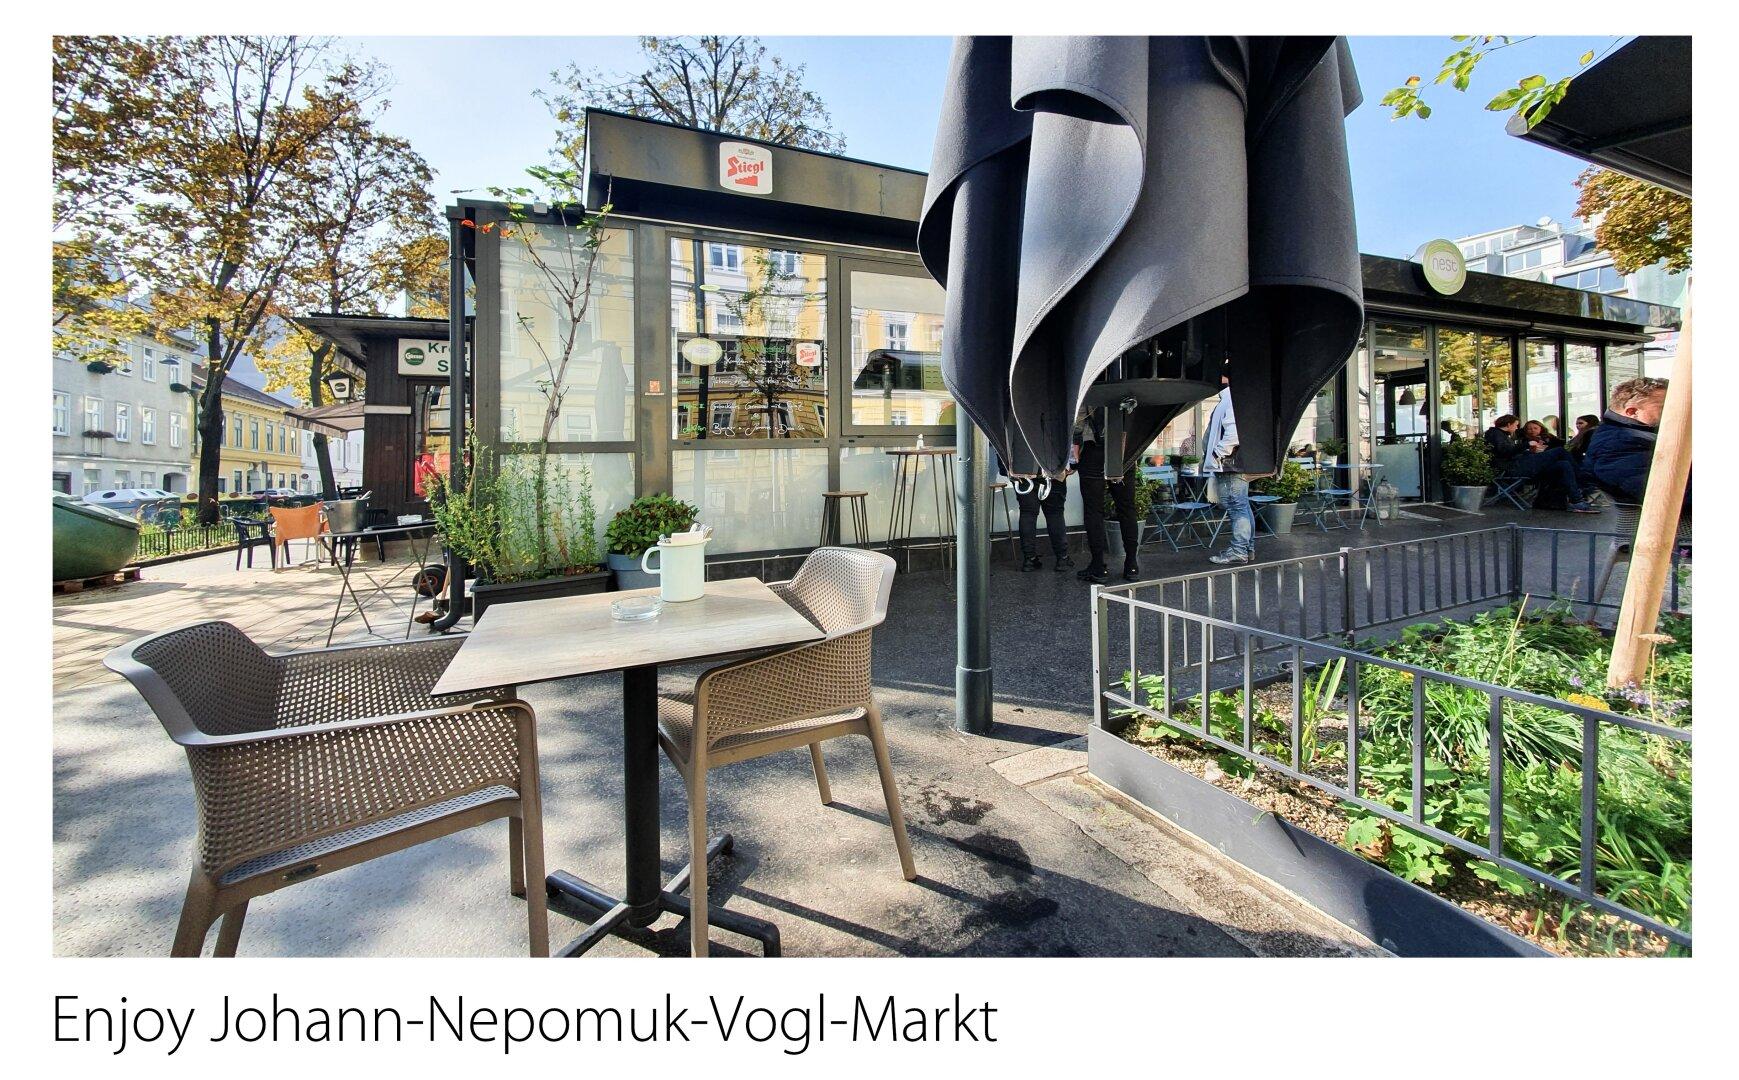 Enjoy Johann-Nepomuk-Vogl-Markt